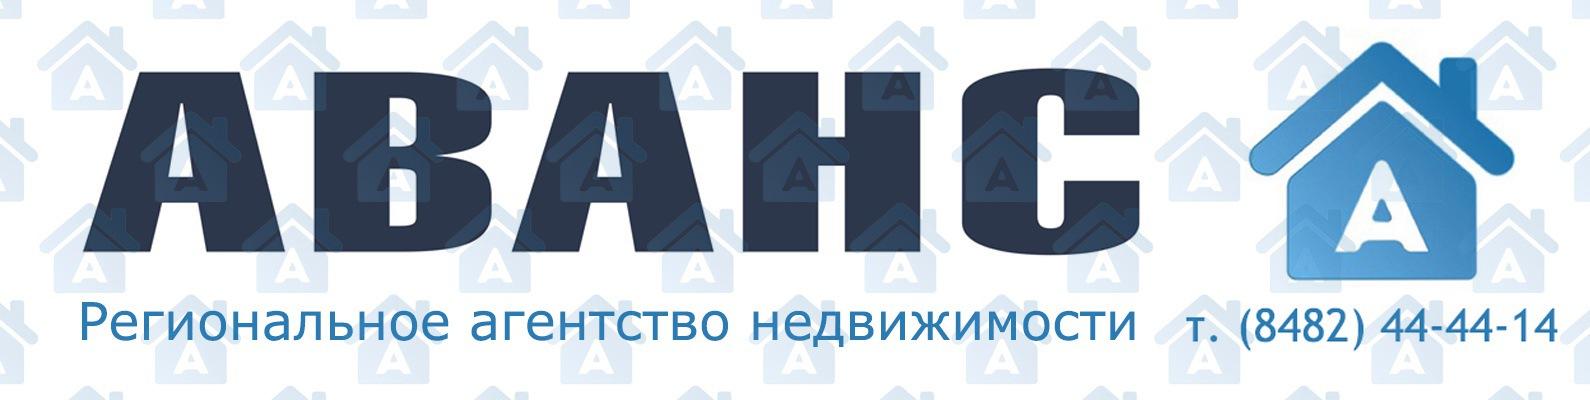 аванс агентство недвижимости